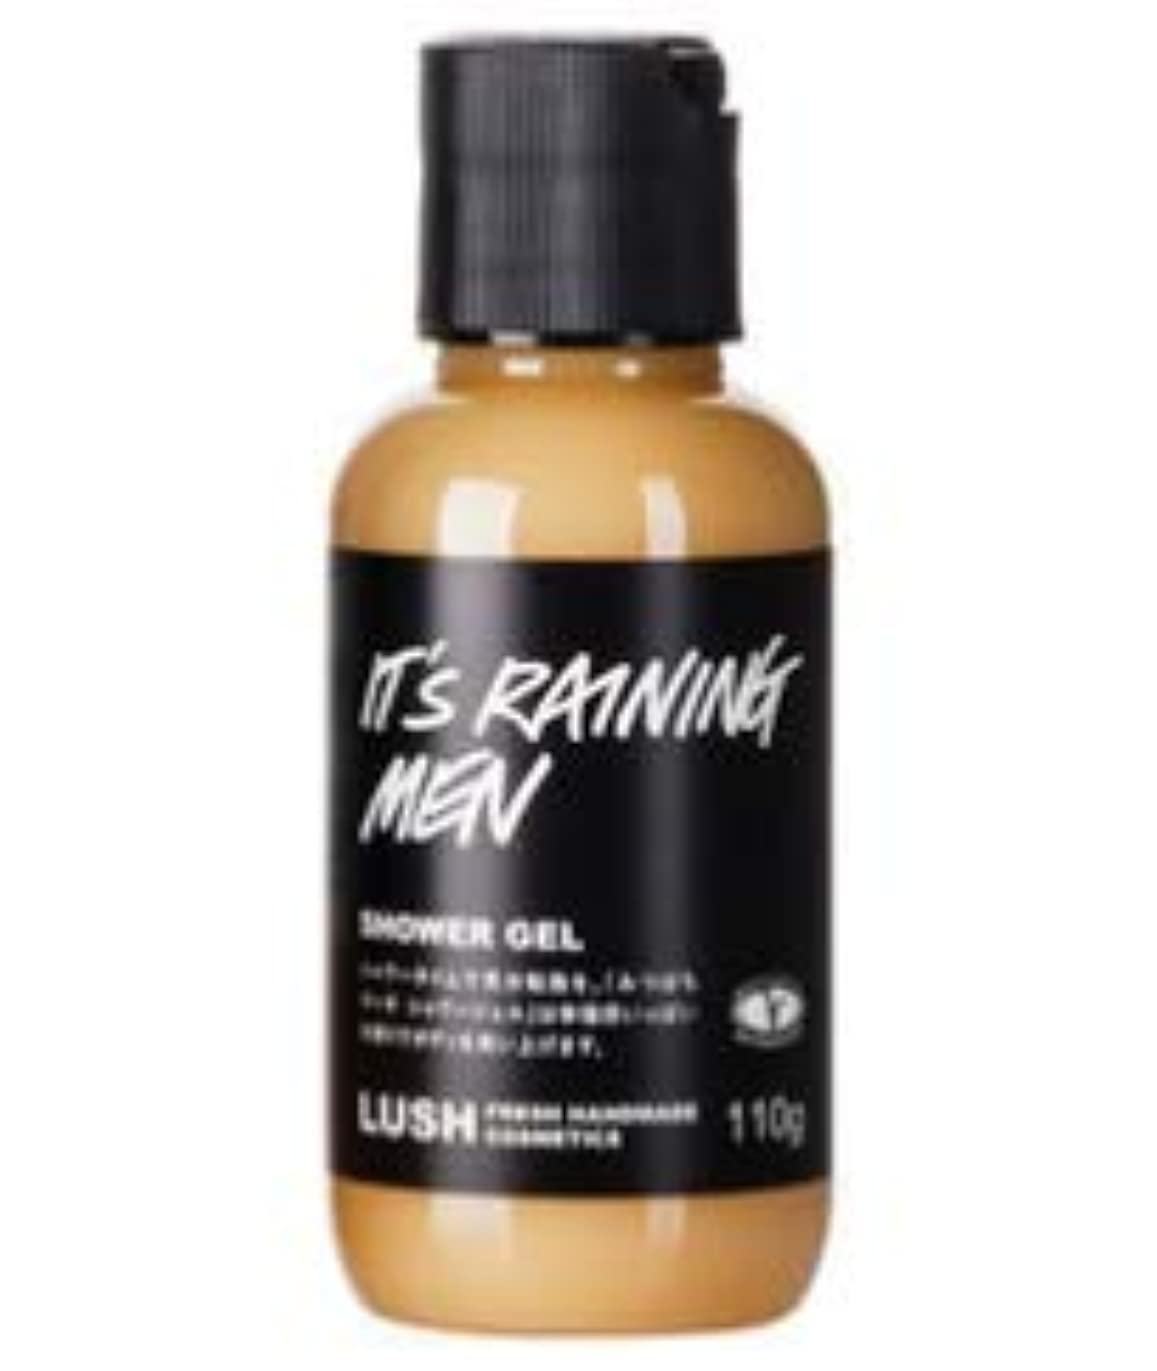 の前でくびれたプランターLUSH ラッシュ みつばちマーチ シャワージェル It's Raining Men 甘い香り 浴用化粧品 ボディソープ 自然派化粧品 天然成分 ベルガモット ハチミツ (110g)